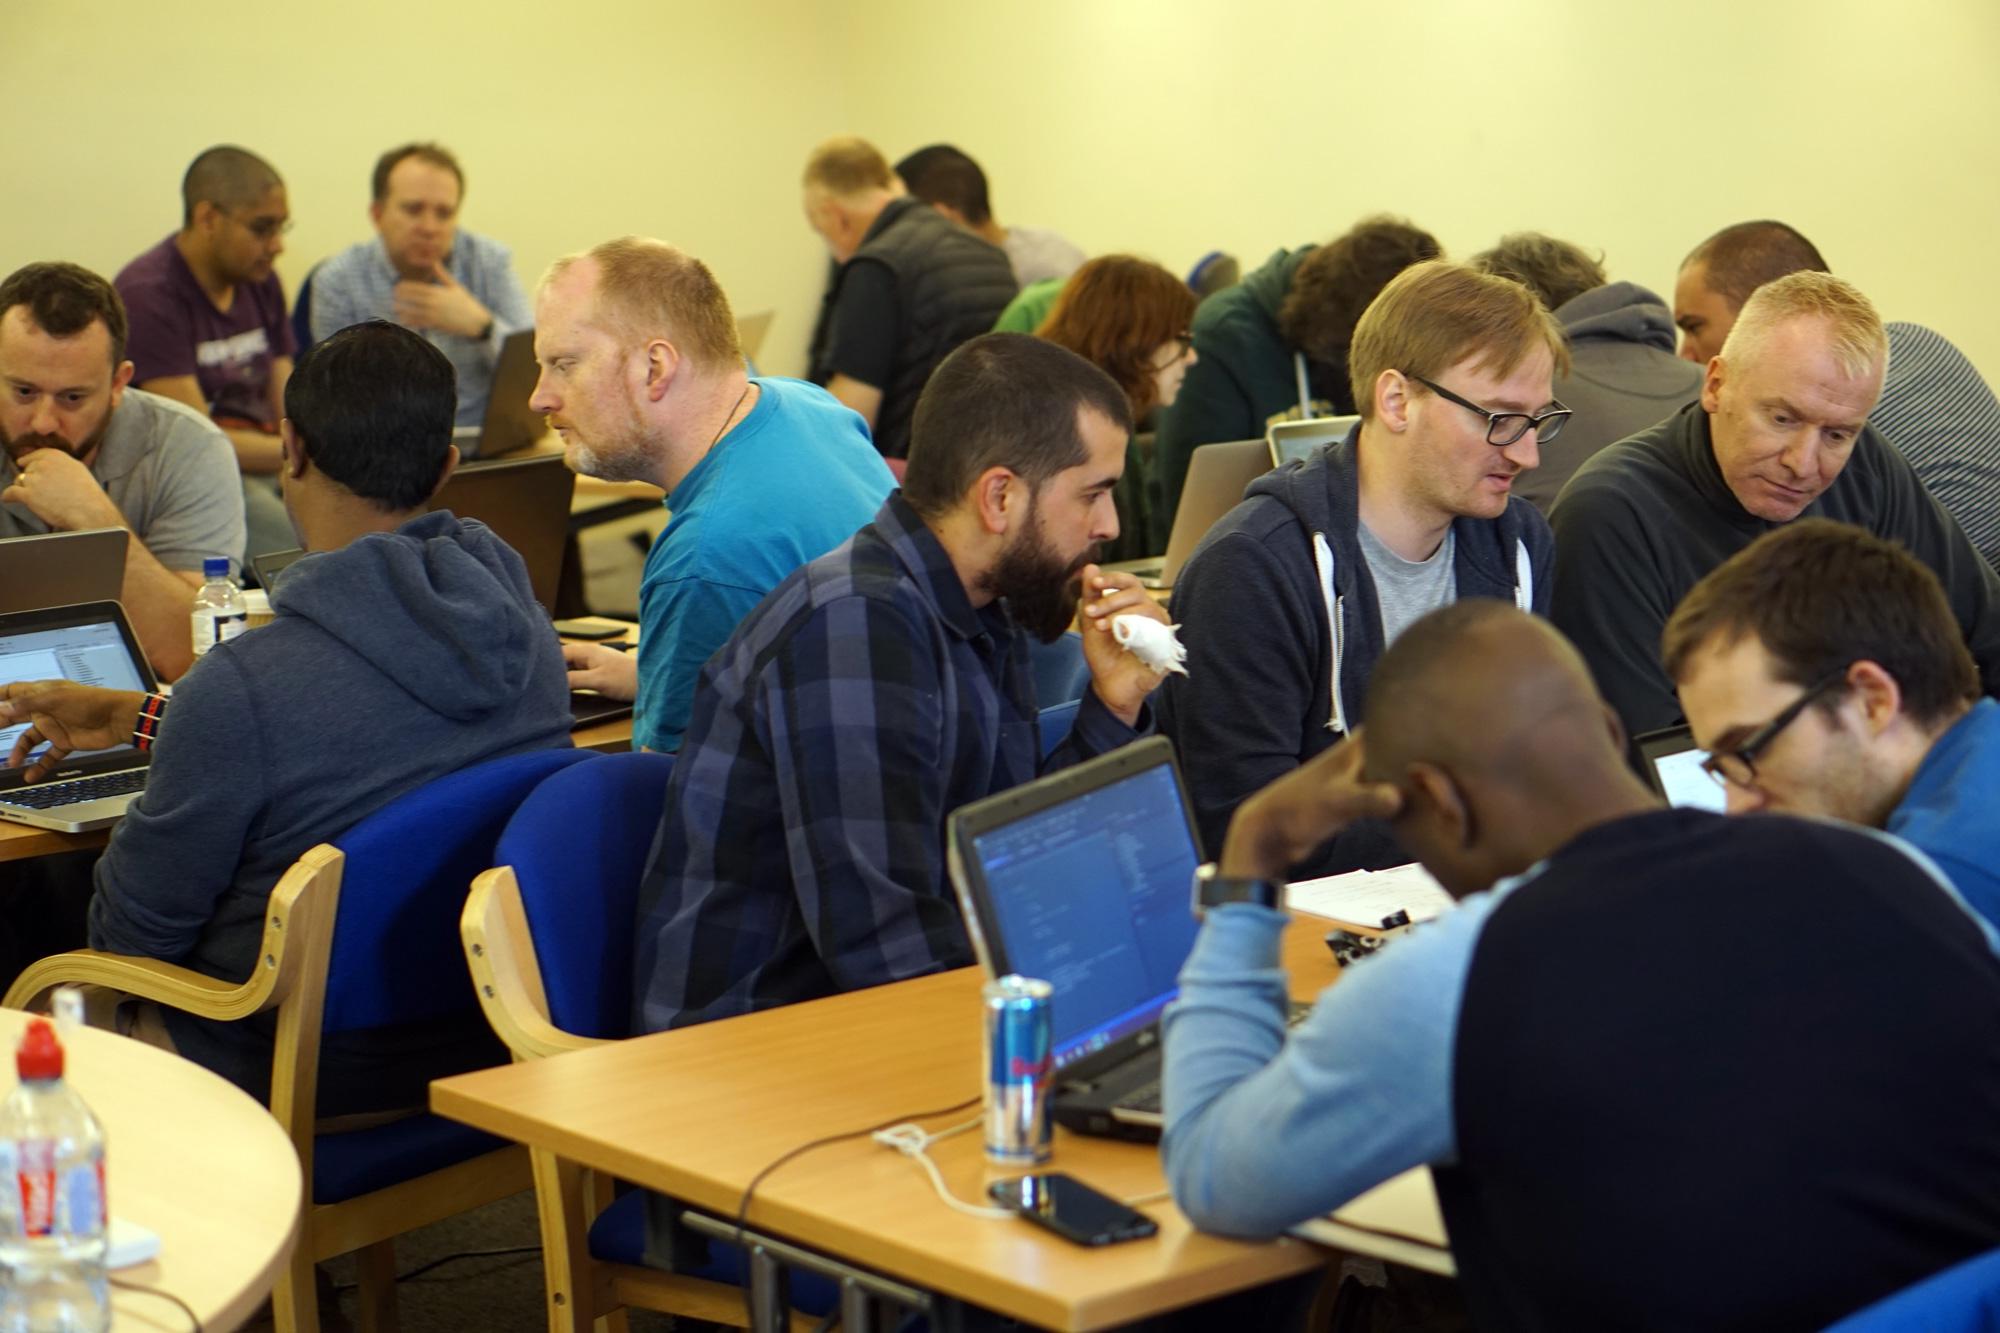 Folk doing coding